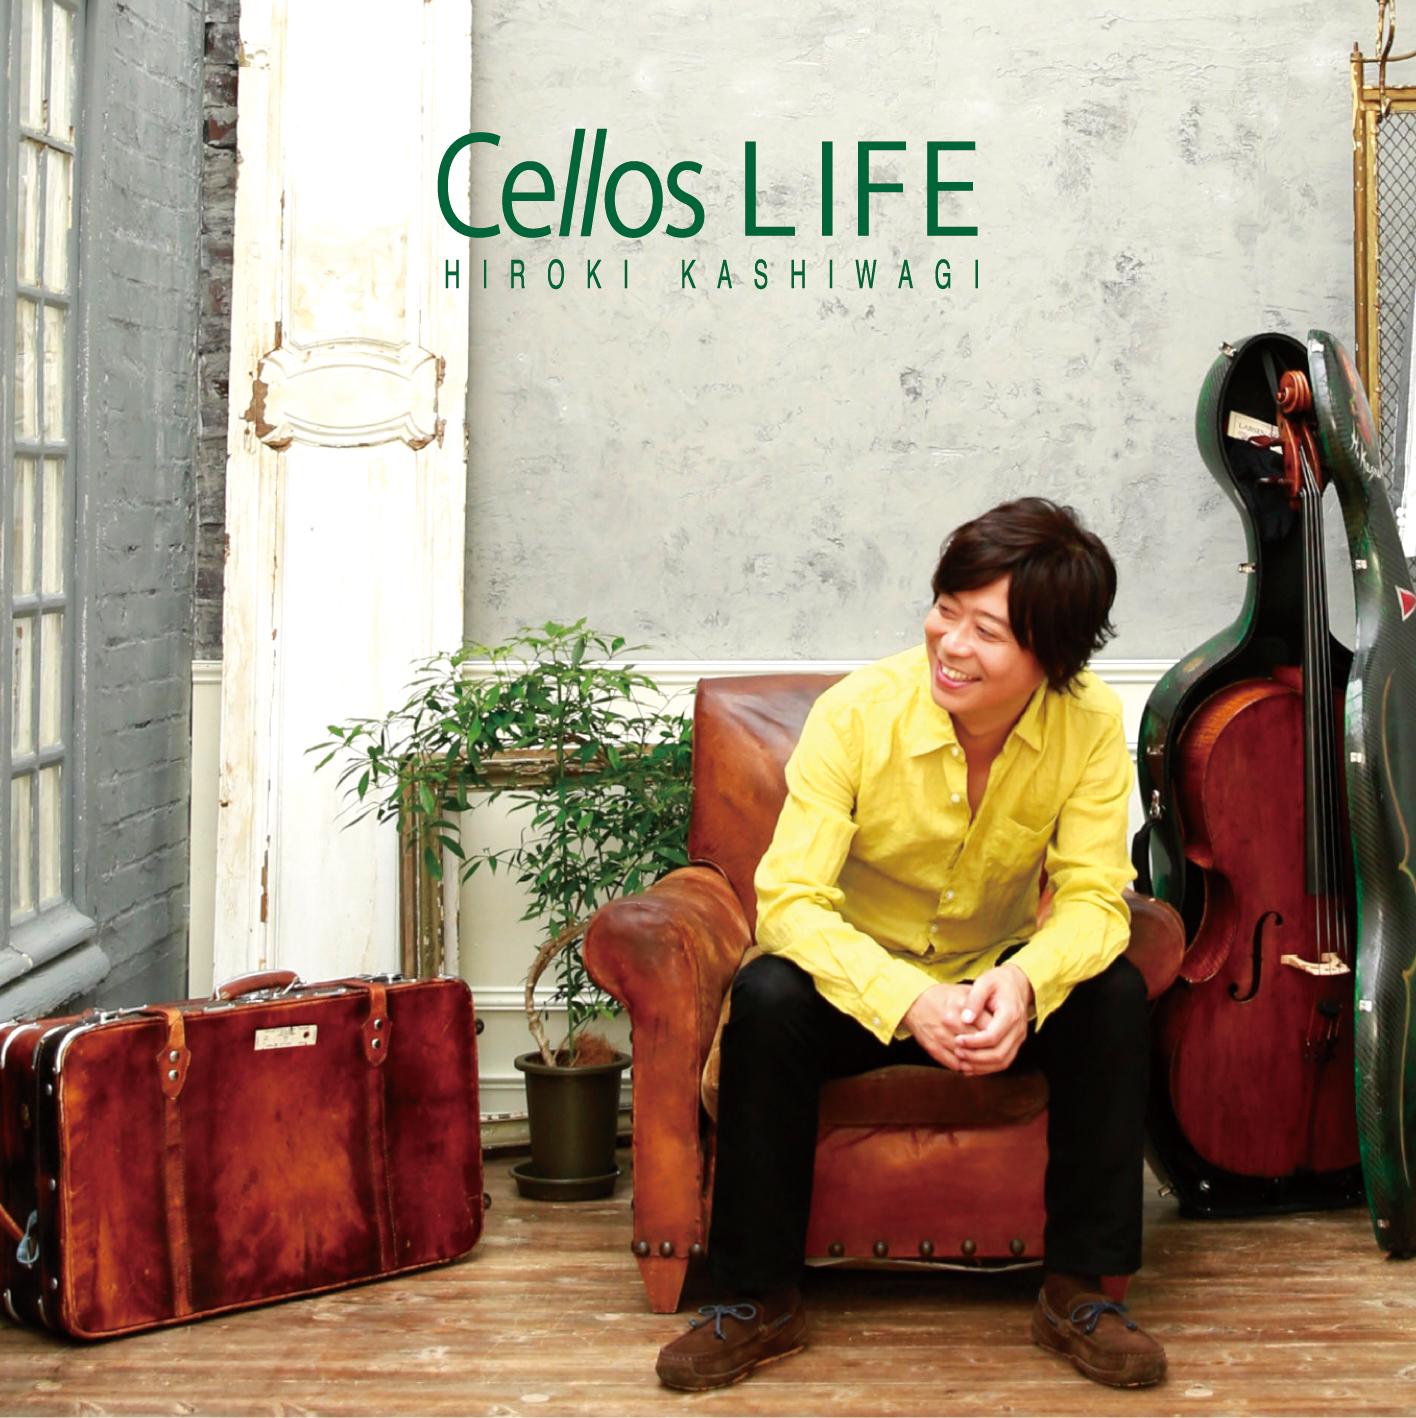 柏木広樹/Cellos LIFE